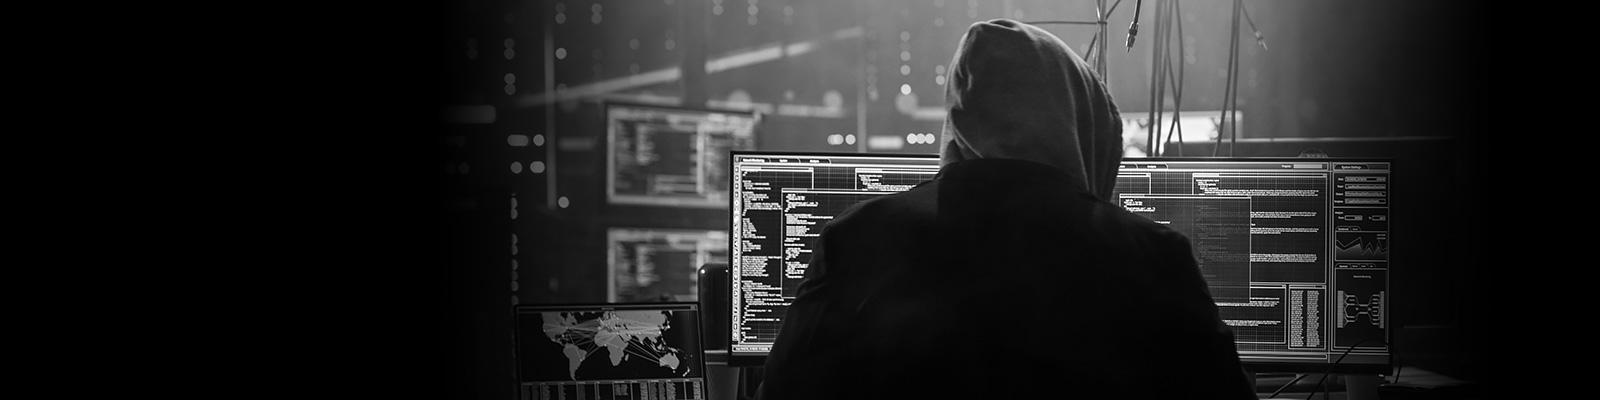 ハッカー 犯罪 イメージ